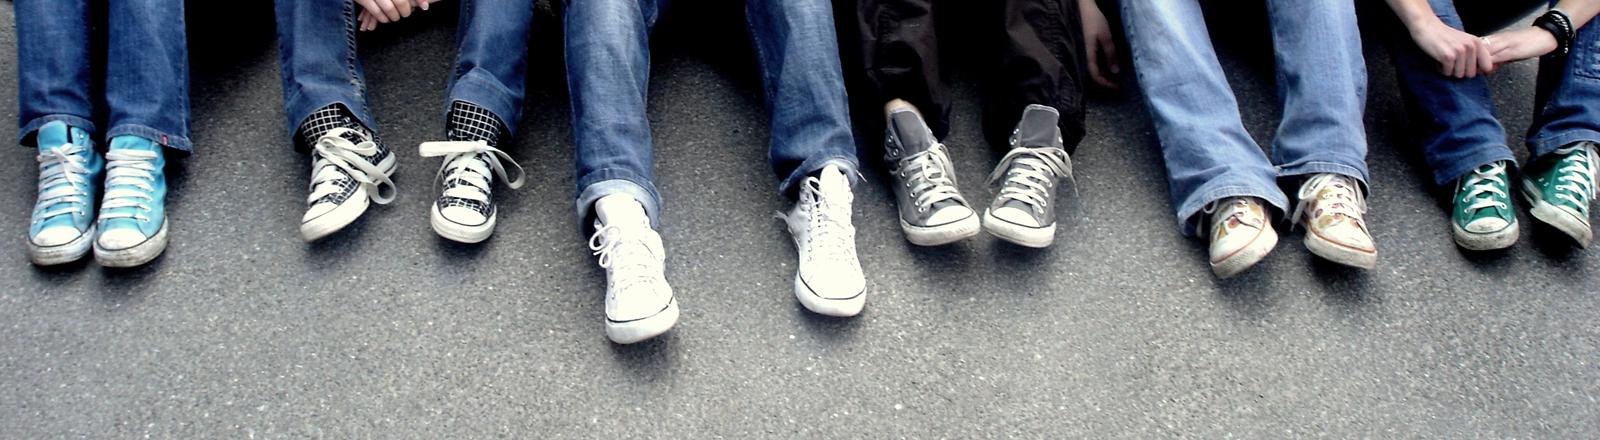 Reihe junger Leute in Jeans und Turnschuhen